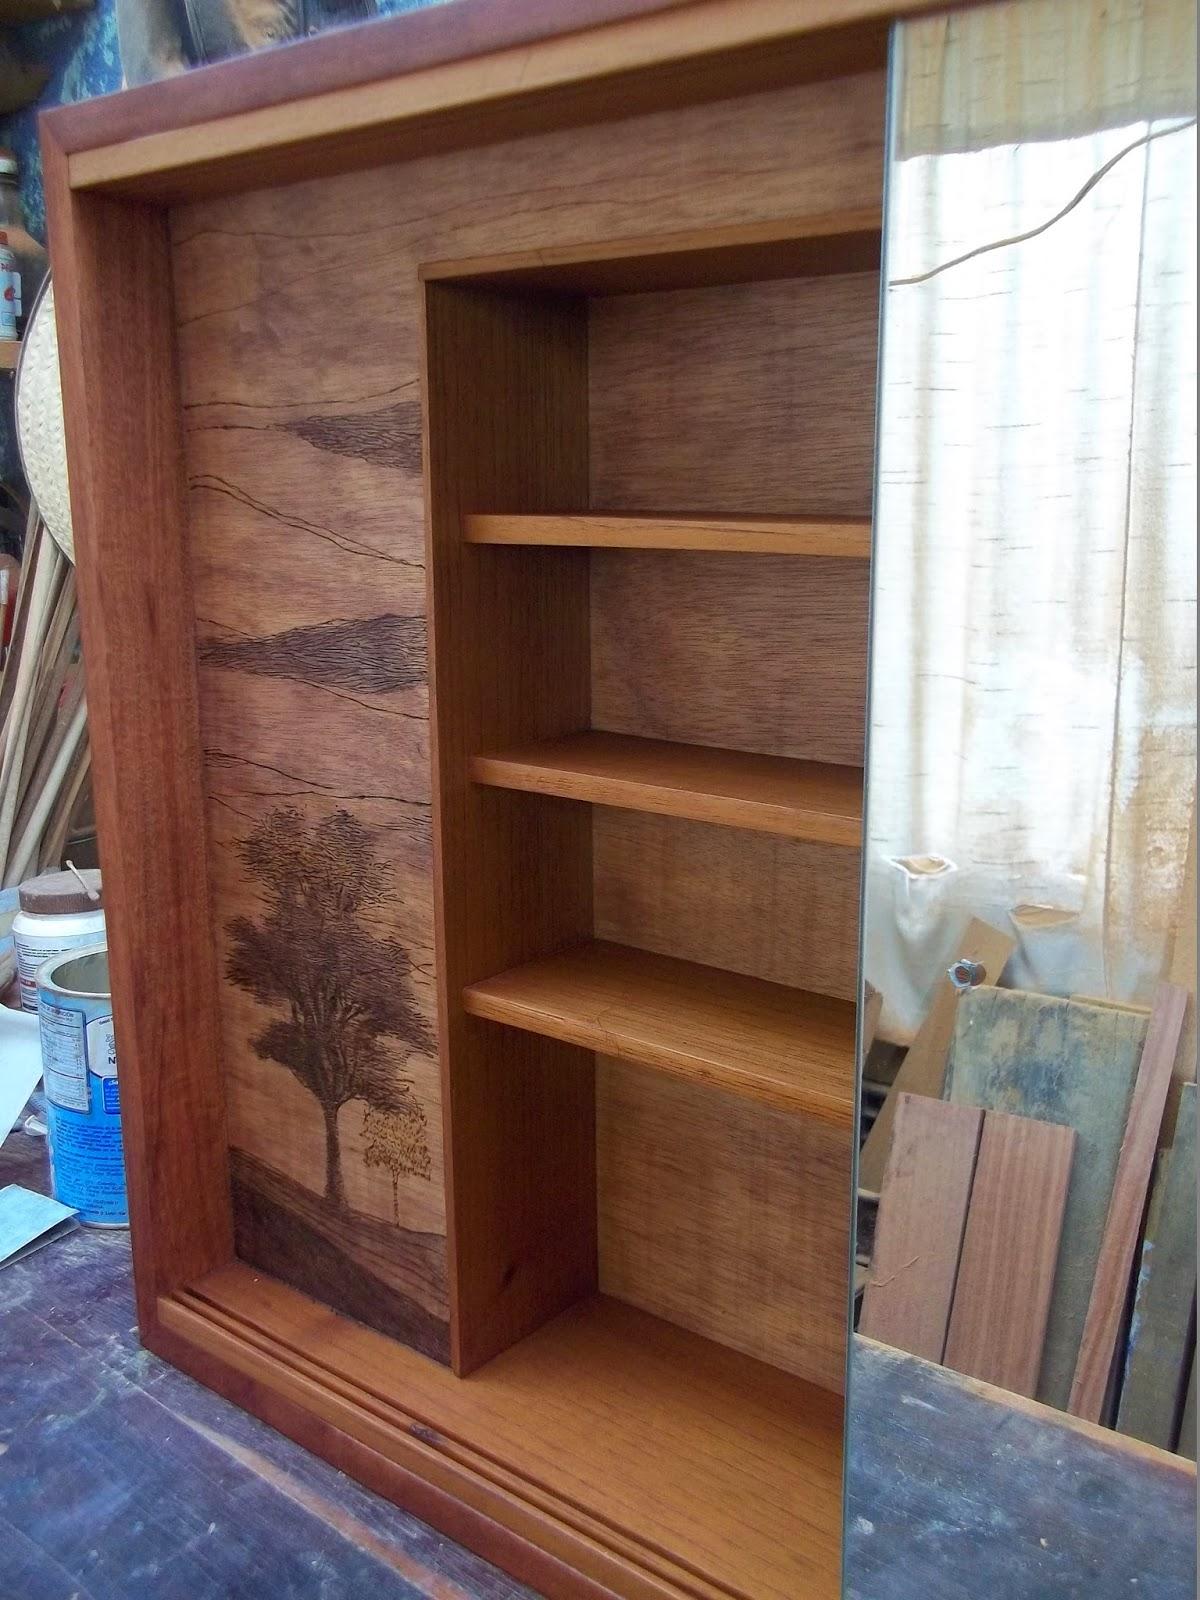 Encantador Carril Muebles Elaboración - Muebles Para Ideas de Diseño ...